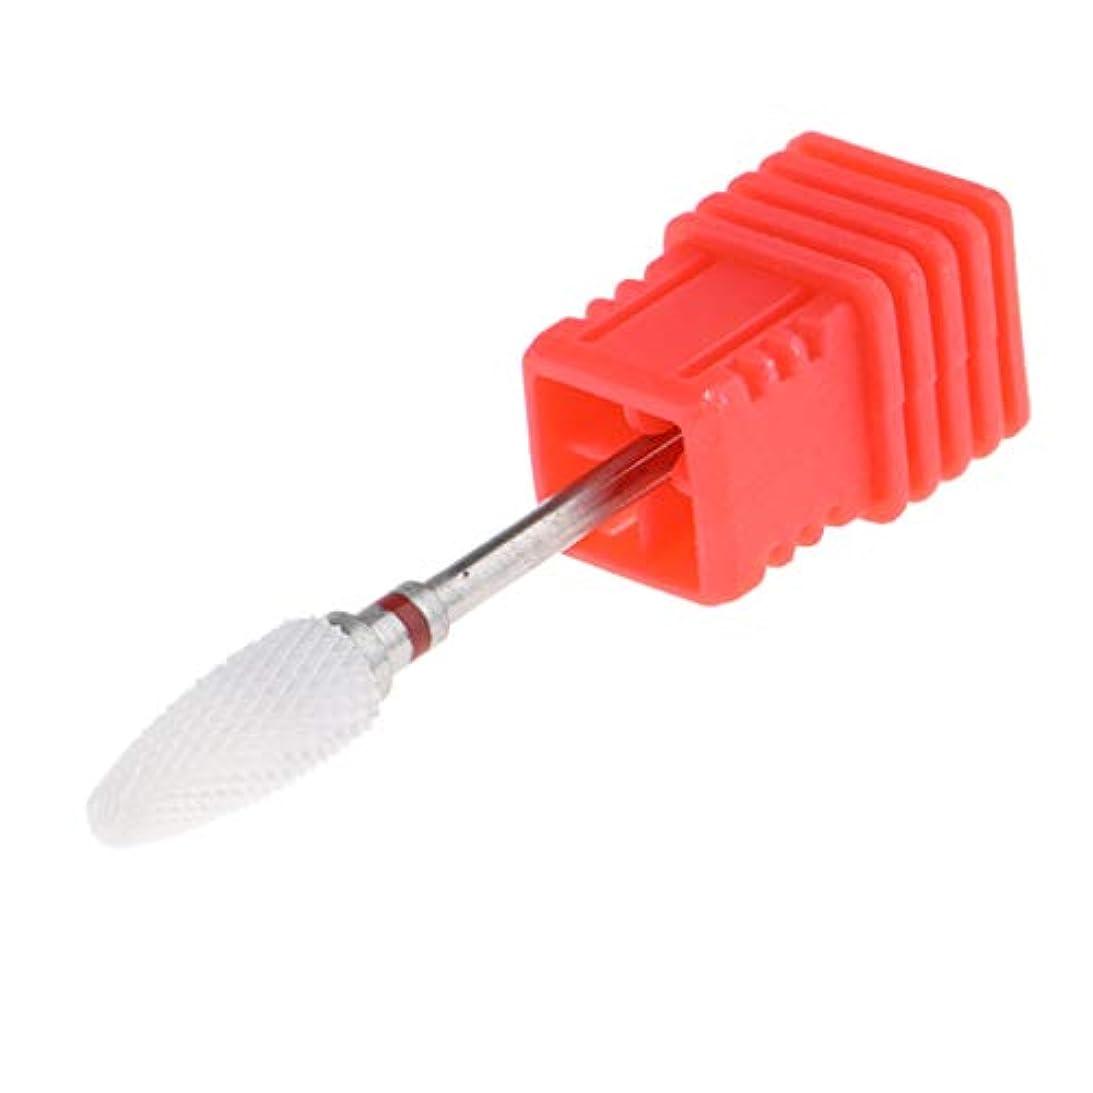 みぞれペンキャンセルセラミック 研磨ヘッド ネイルドリルビット 電気ネイルマシン用 全3色 - 赤(細)